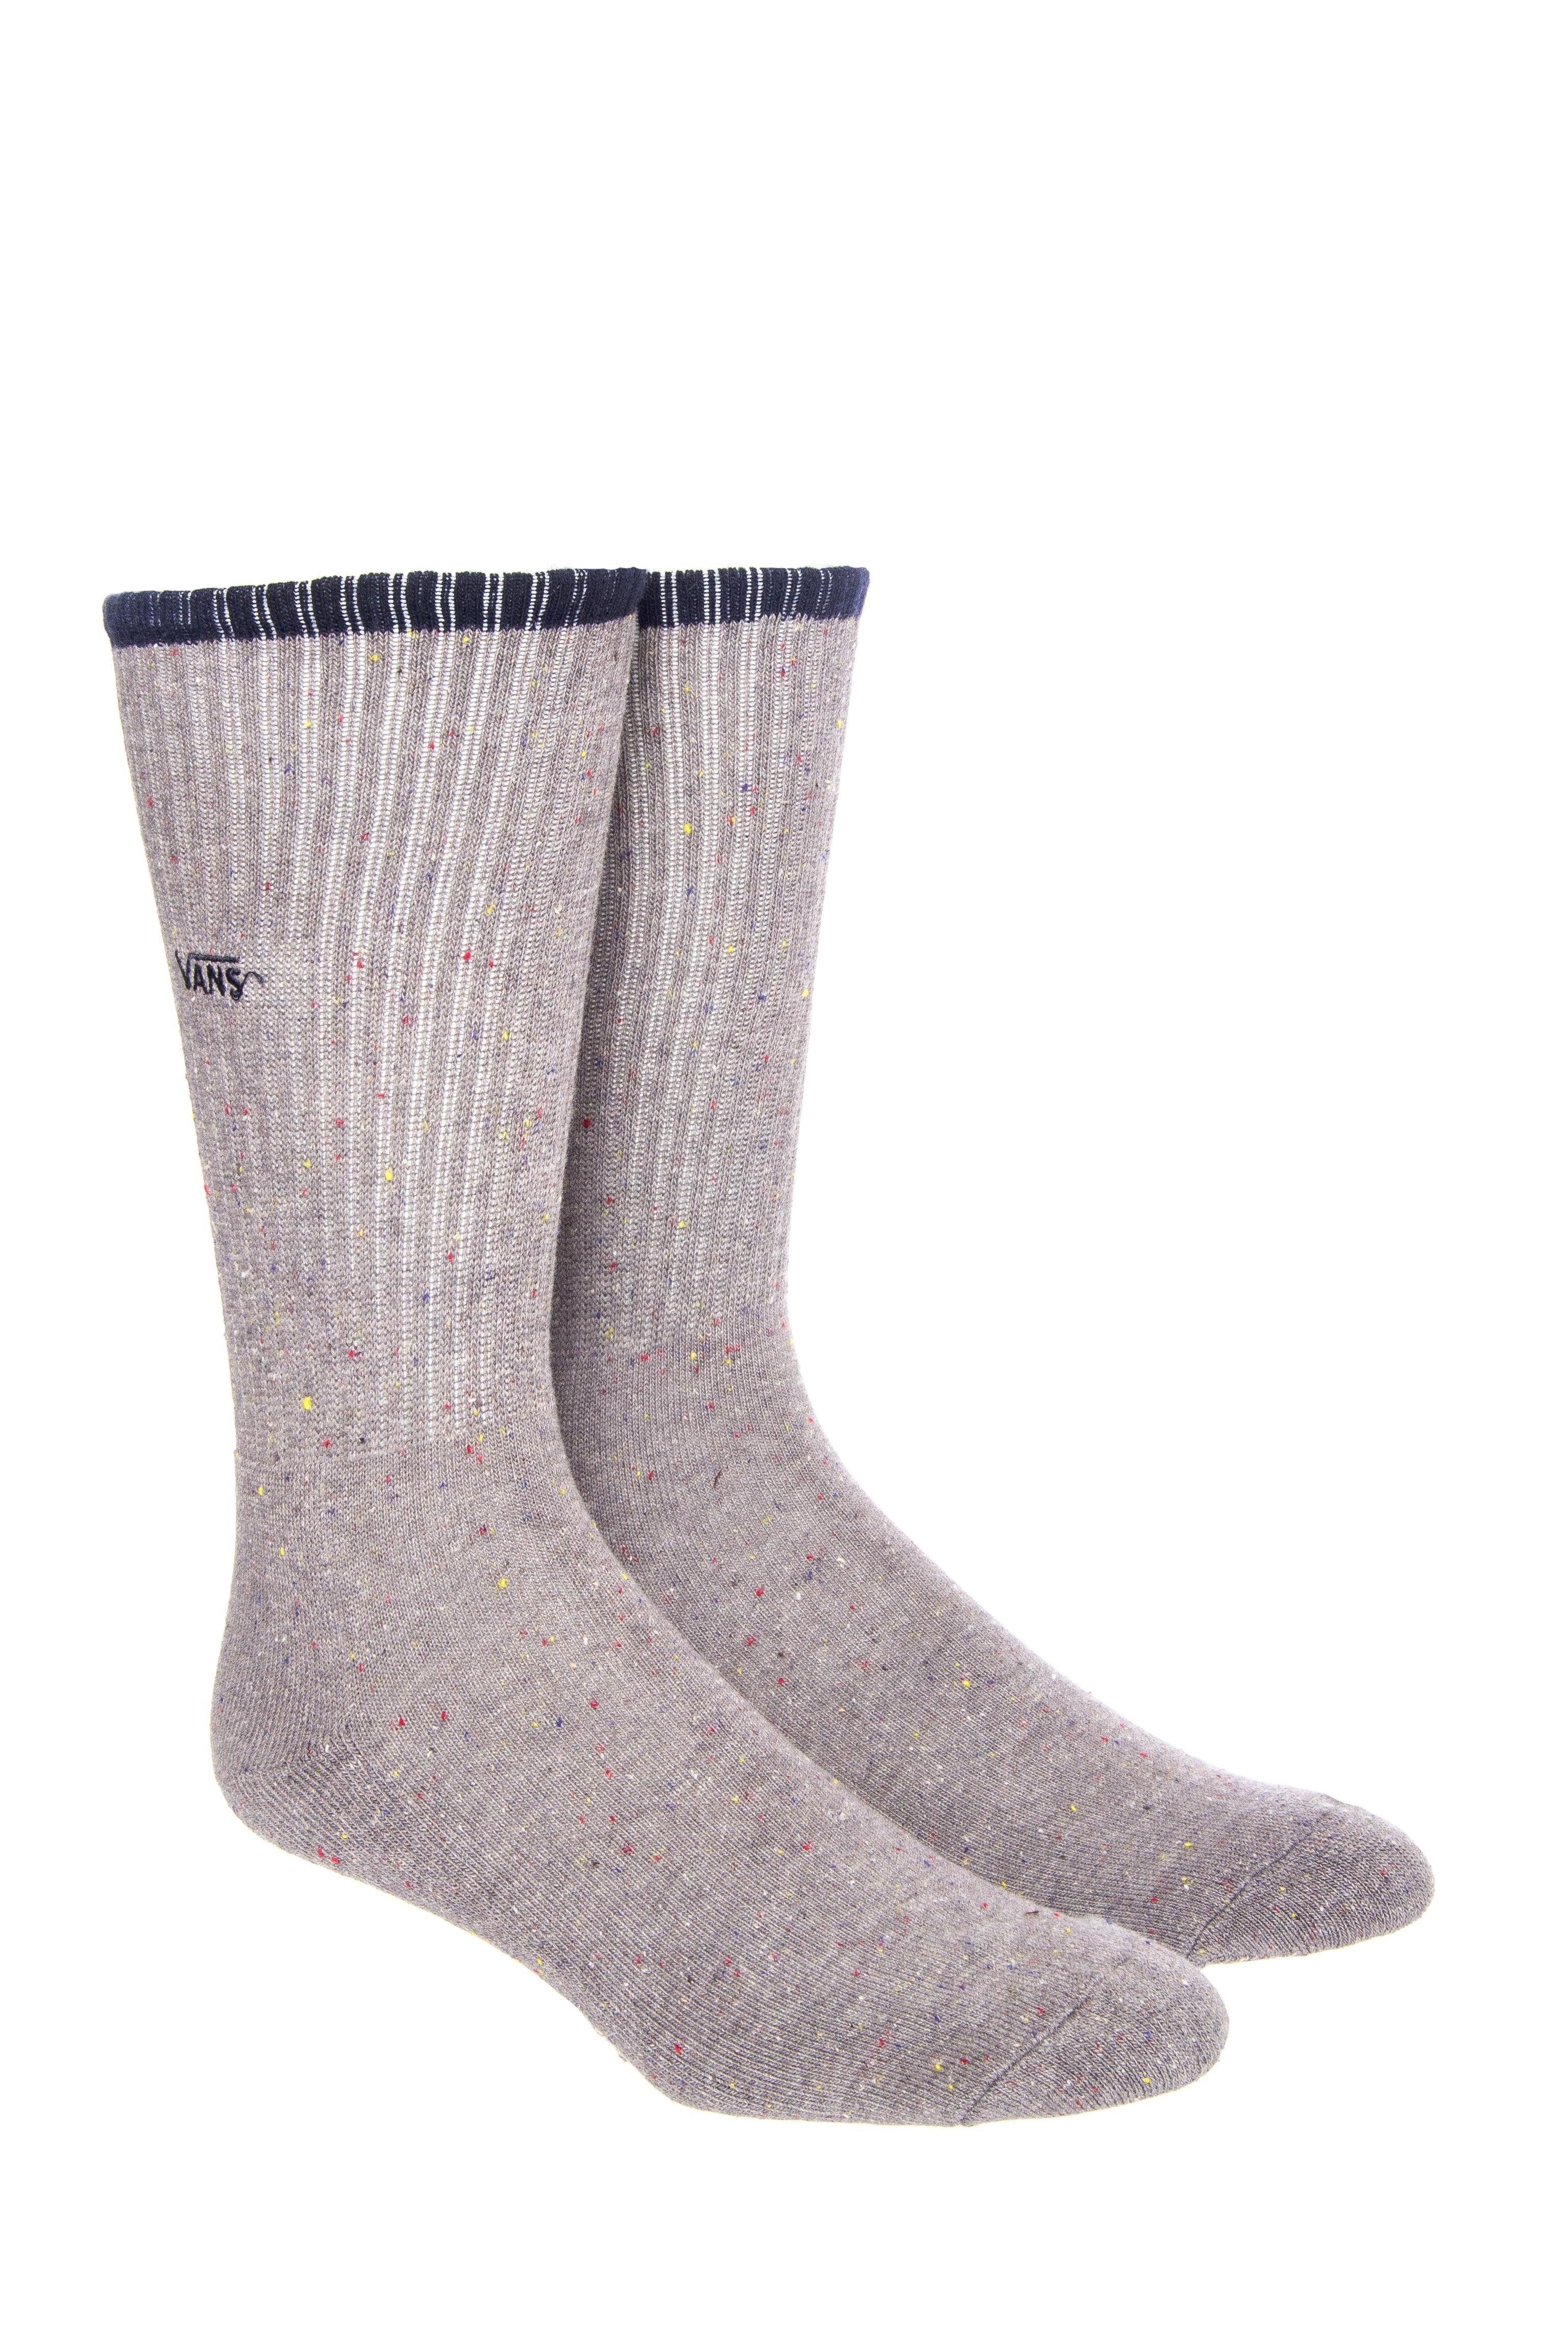 Vans Men's Grey Crew Sock - Grey